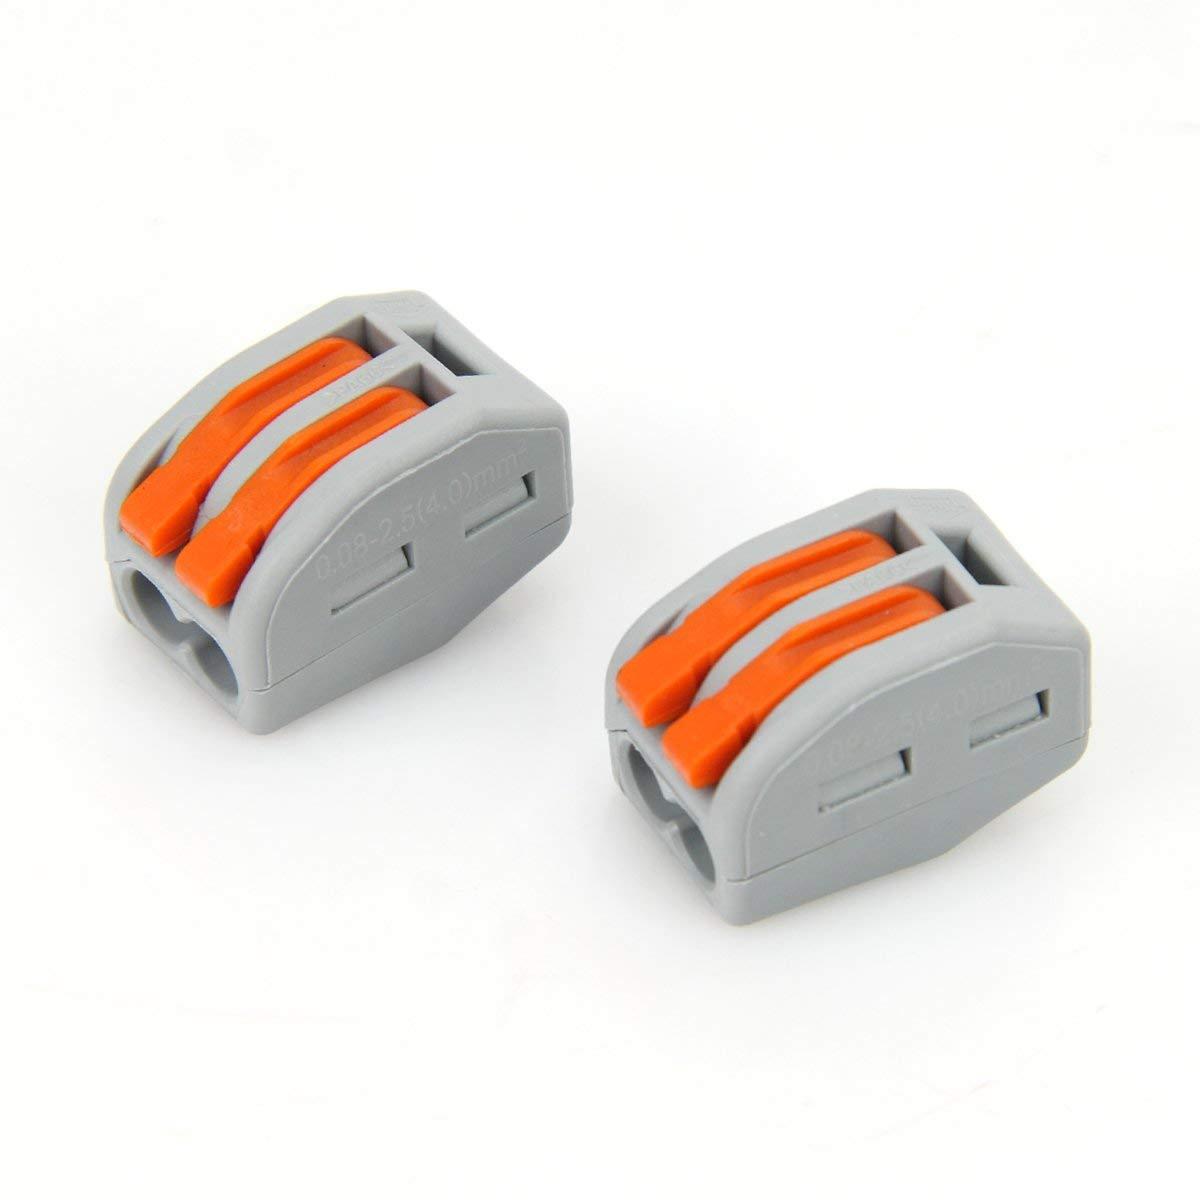 10 Lot de 20 connecteurs de fils compacts 222-413 Uooker 222-412 10